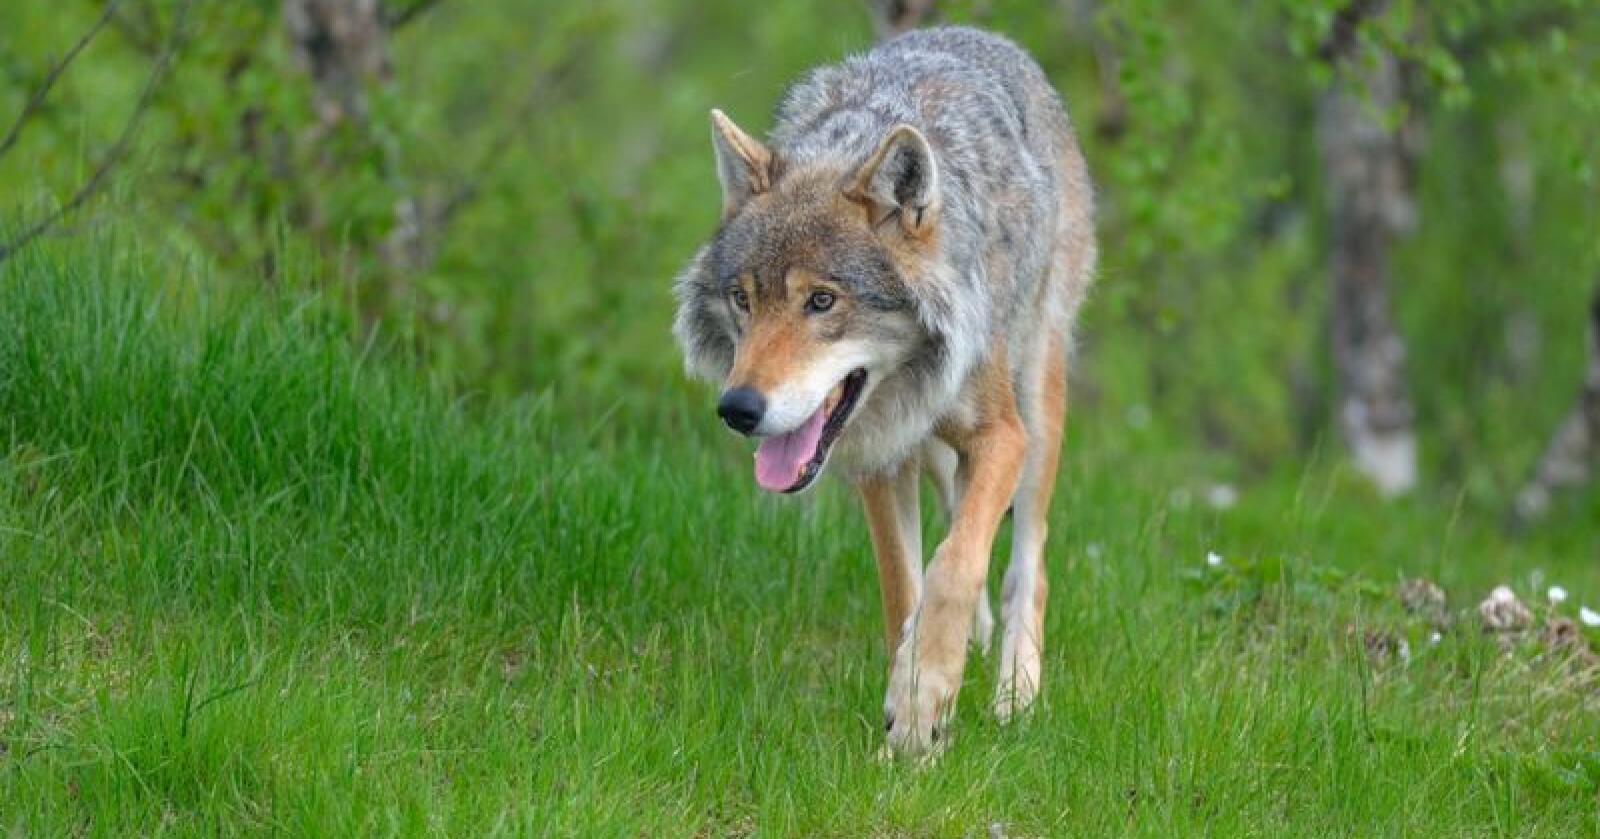 I vinterens overvåkingsperiode er det registrert 103-106 ulver i Norge, en nedgang på rundt 10 prosent fra 115-116 forrige vinter. Foto: Colourbox